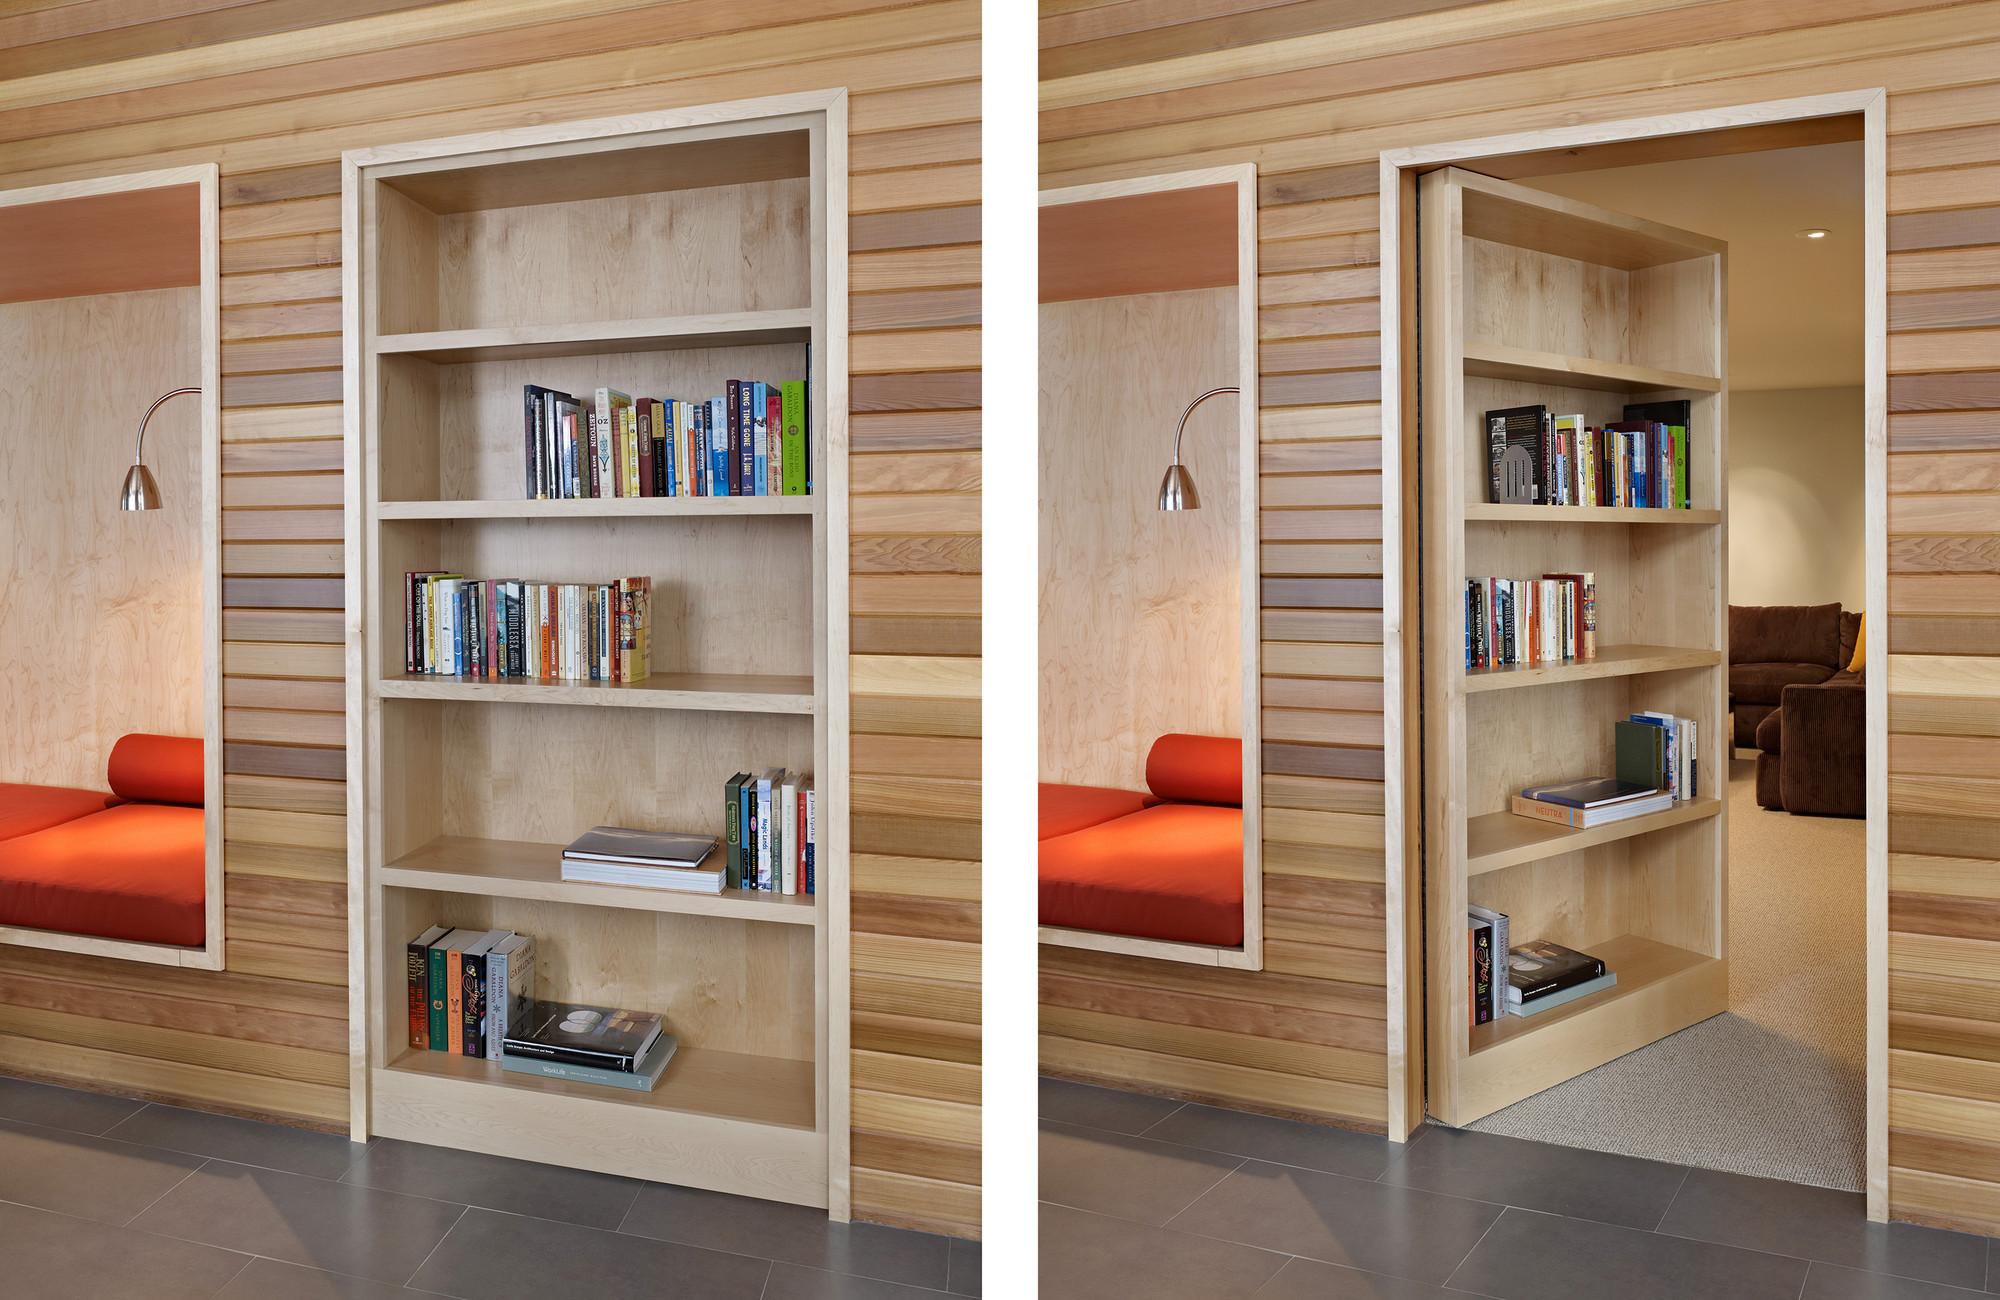 Книжный шкаф дверь обустройство и строительство дома.